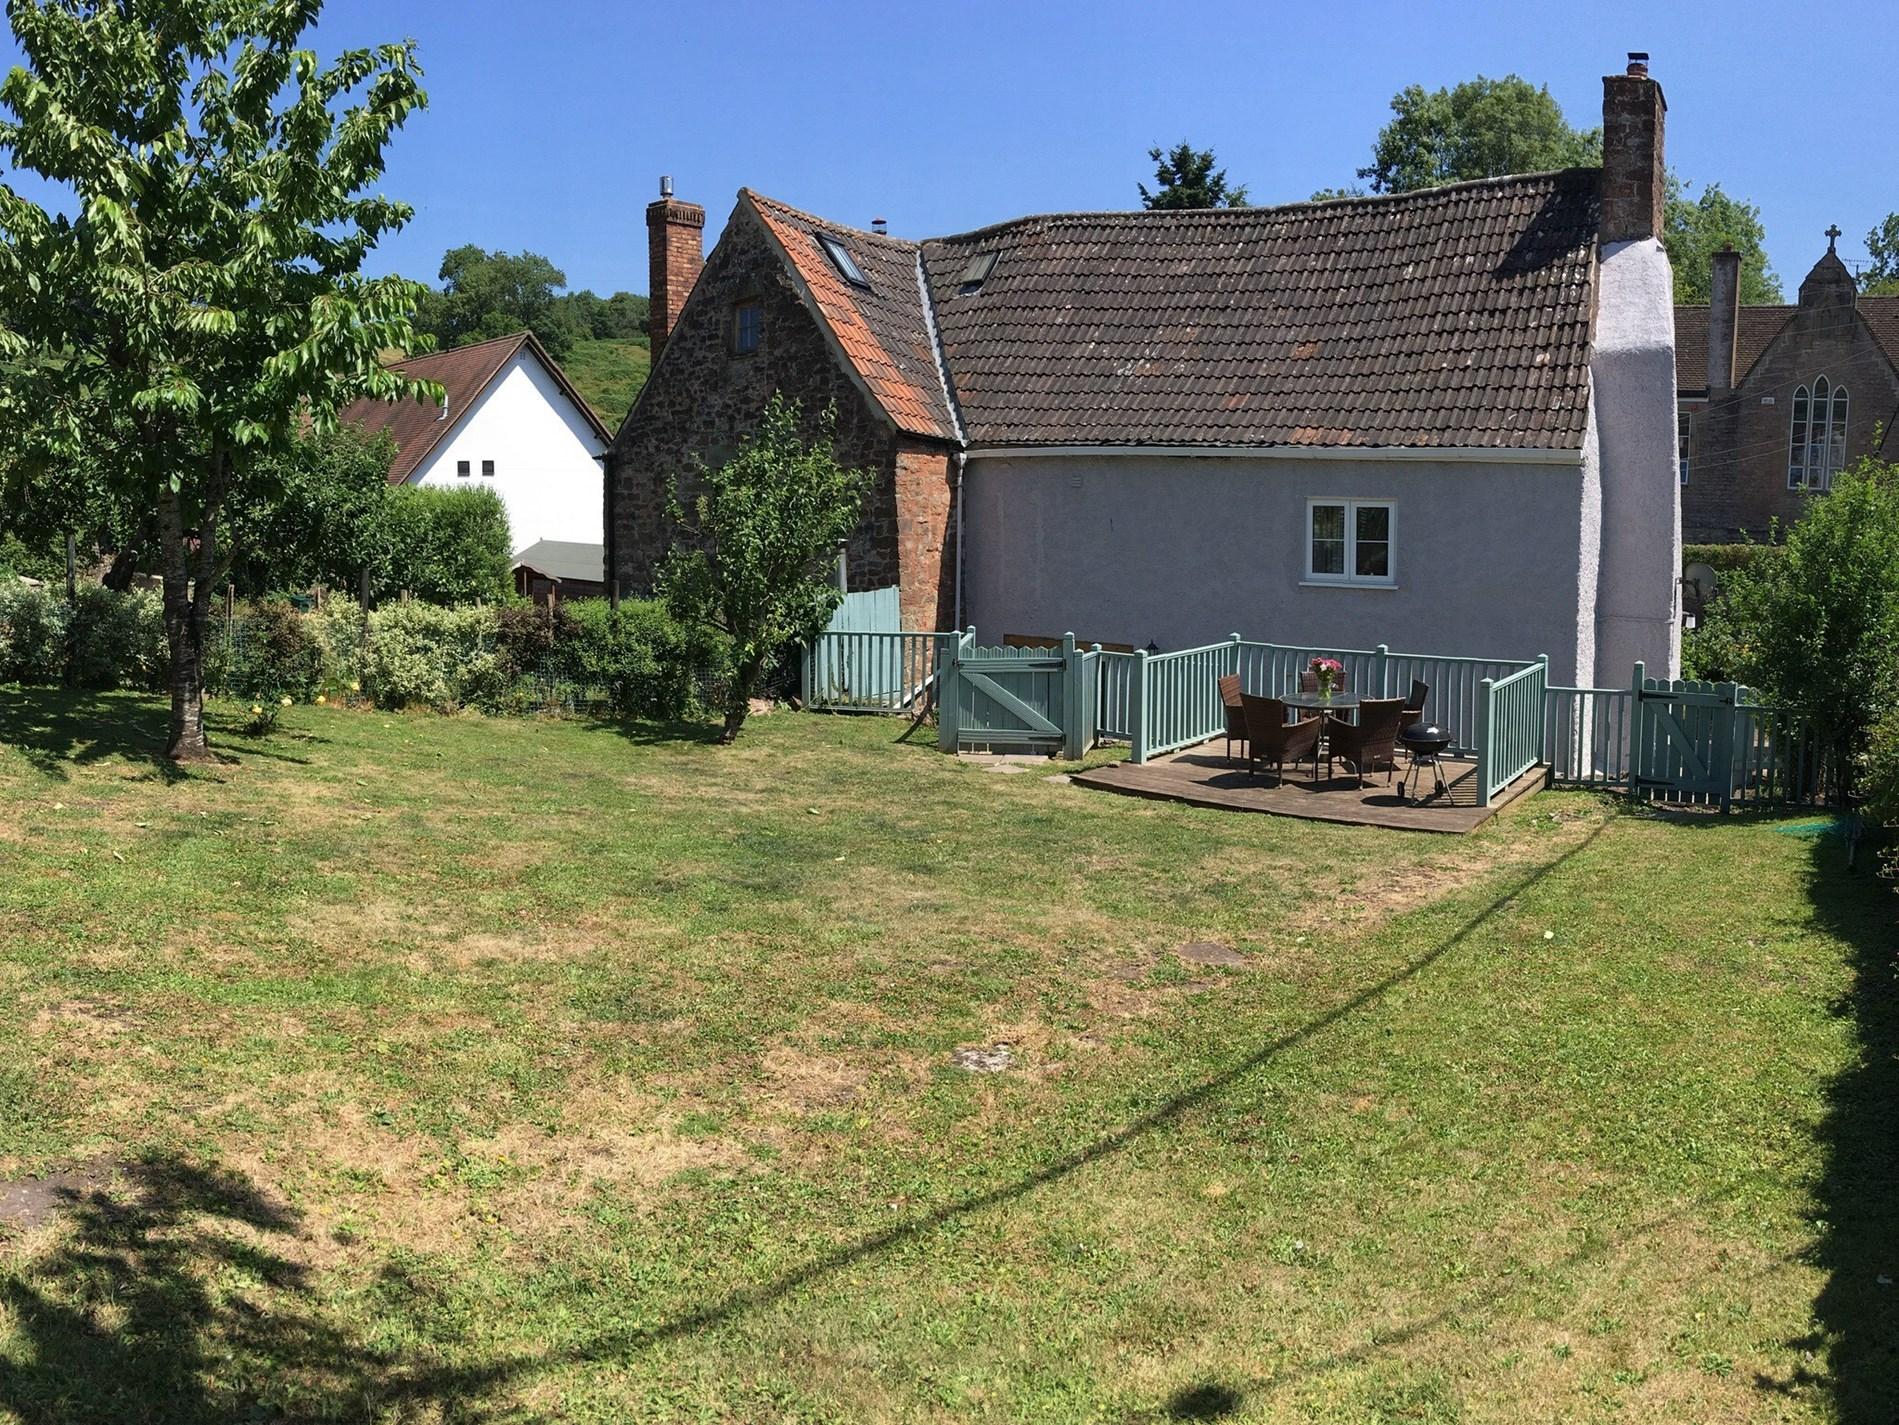 Spacious garden for all to enjoy